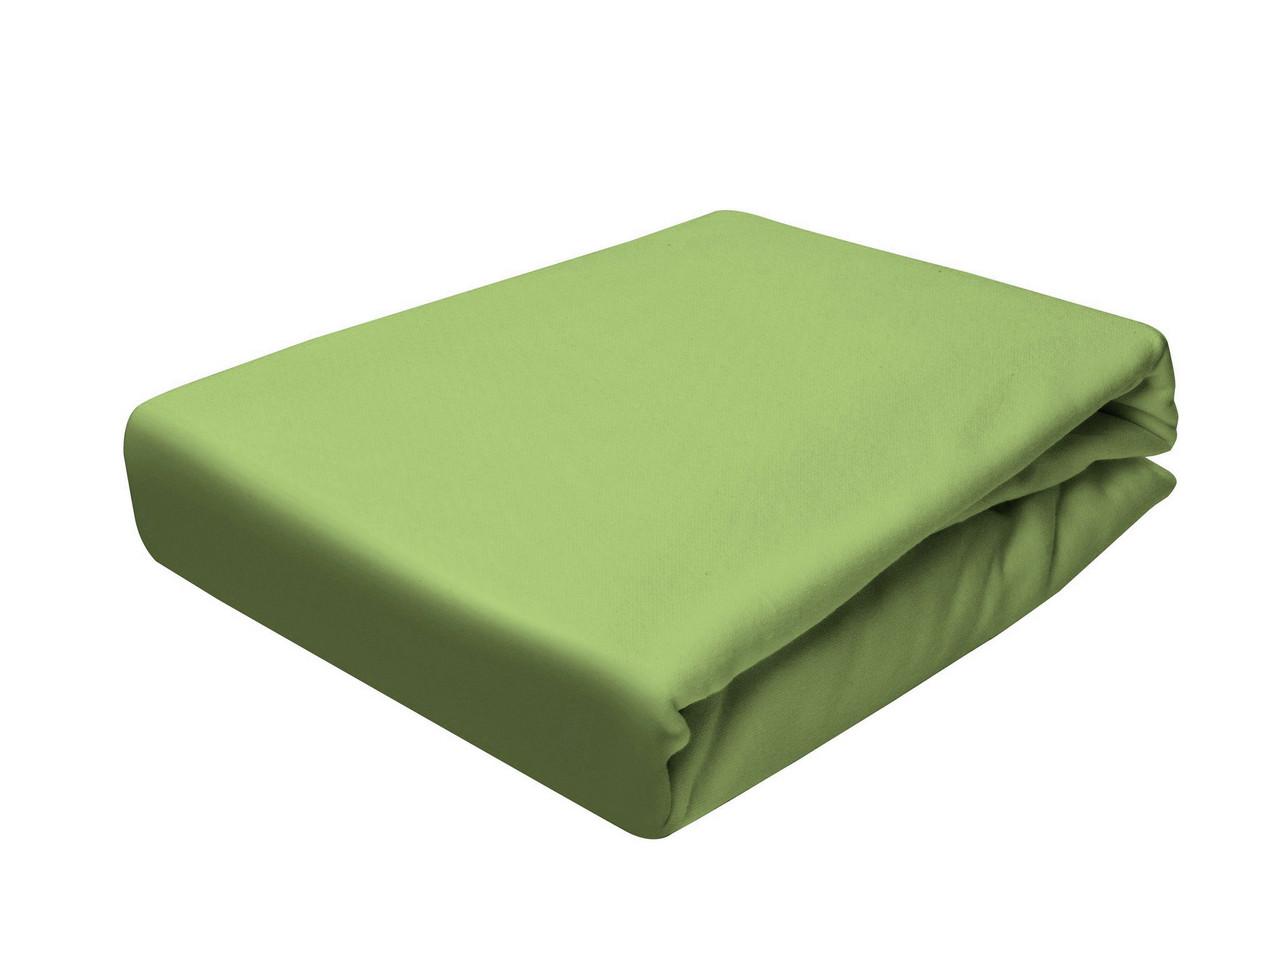 Простыня Трикотажная На резинке NR 036 P.P.H.U. J&M 5149 120x200 см Зеленая